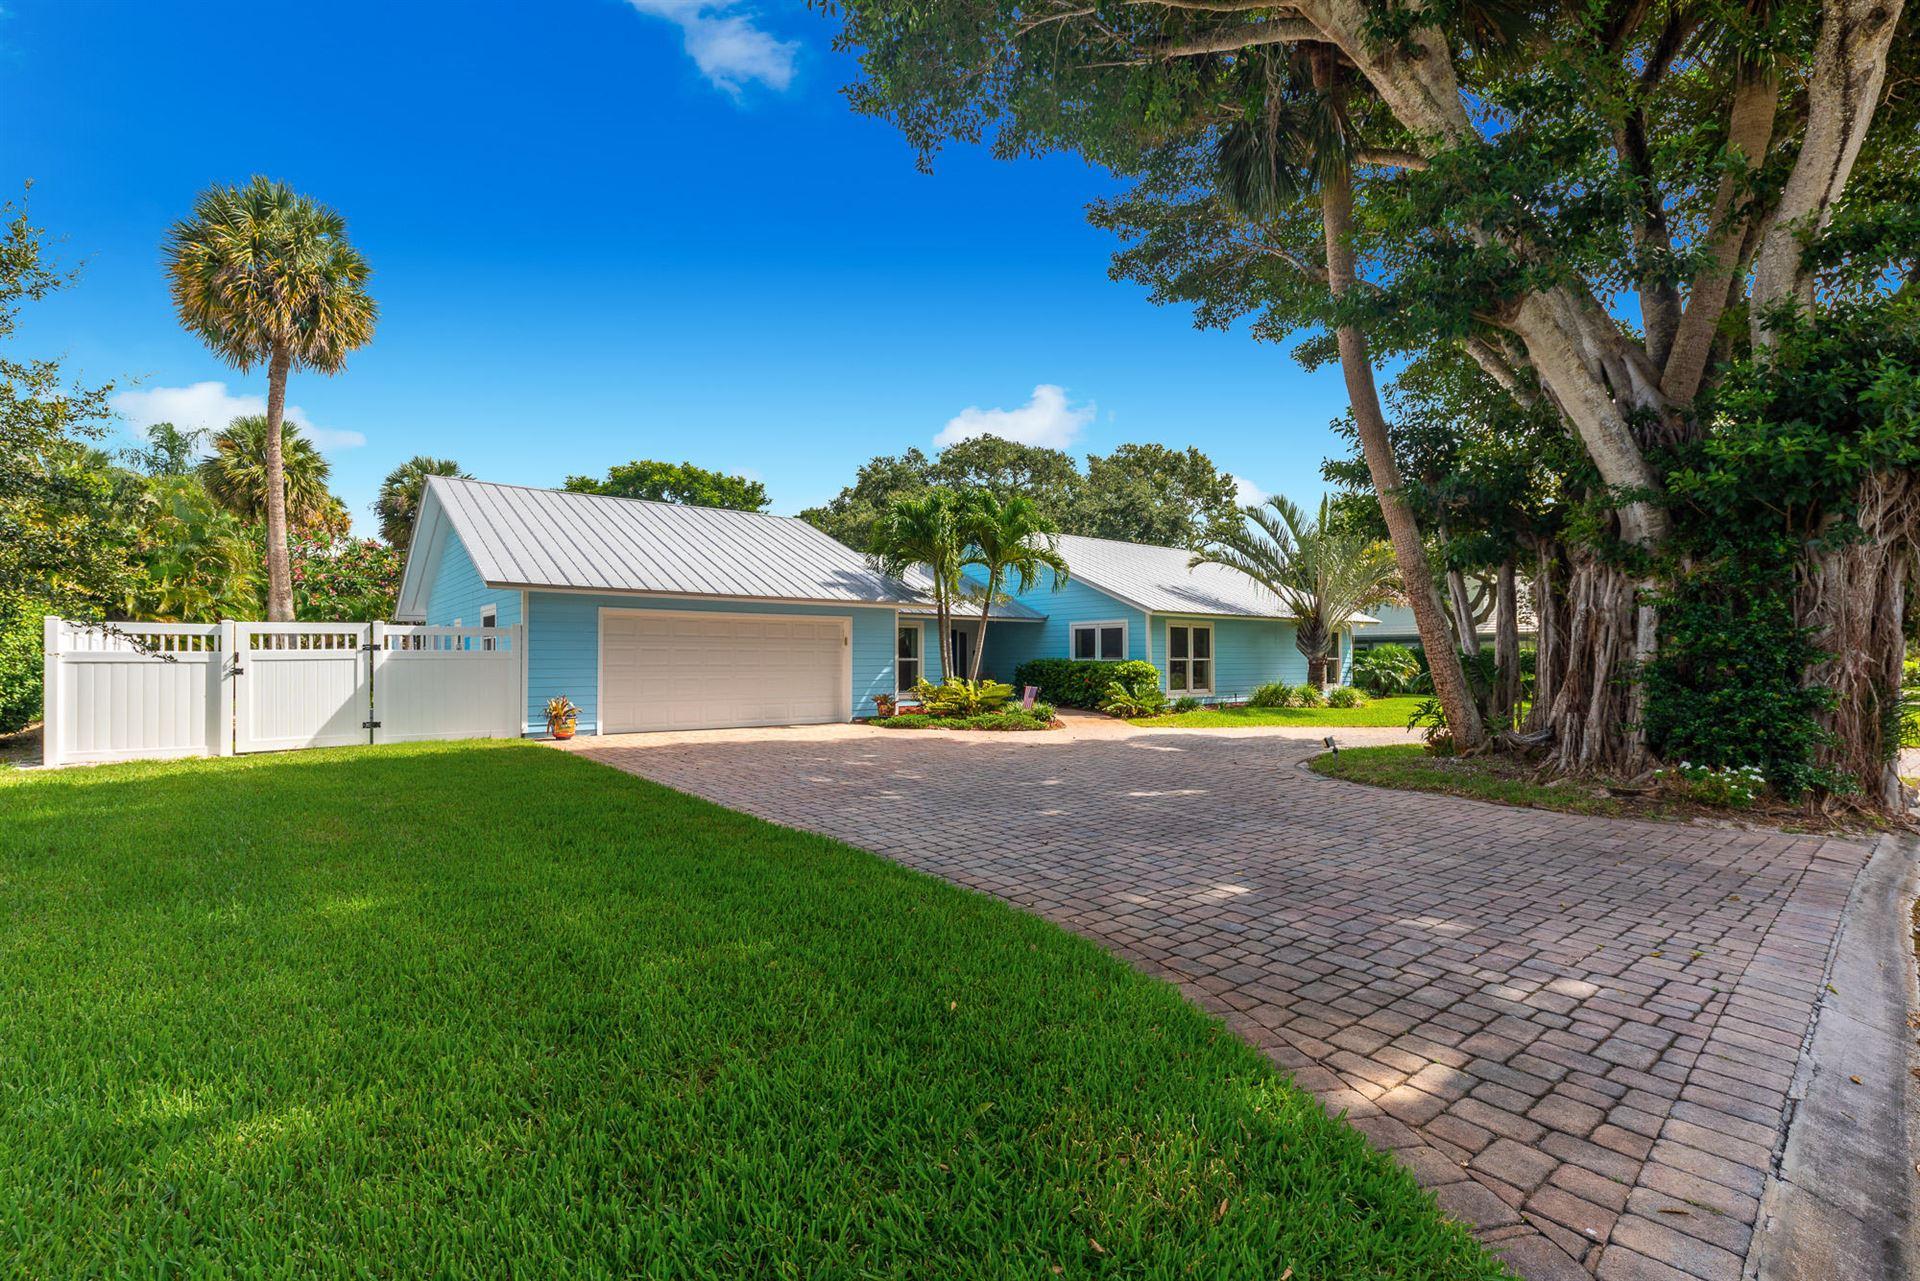 Photo of 10 Ridgeland Drive, Sewalls Point, FL 34996 (MLS # RX-10636361)